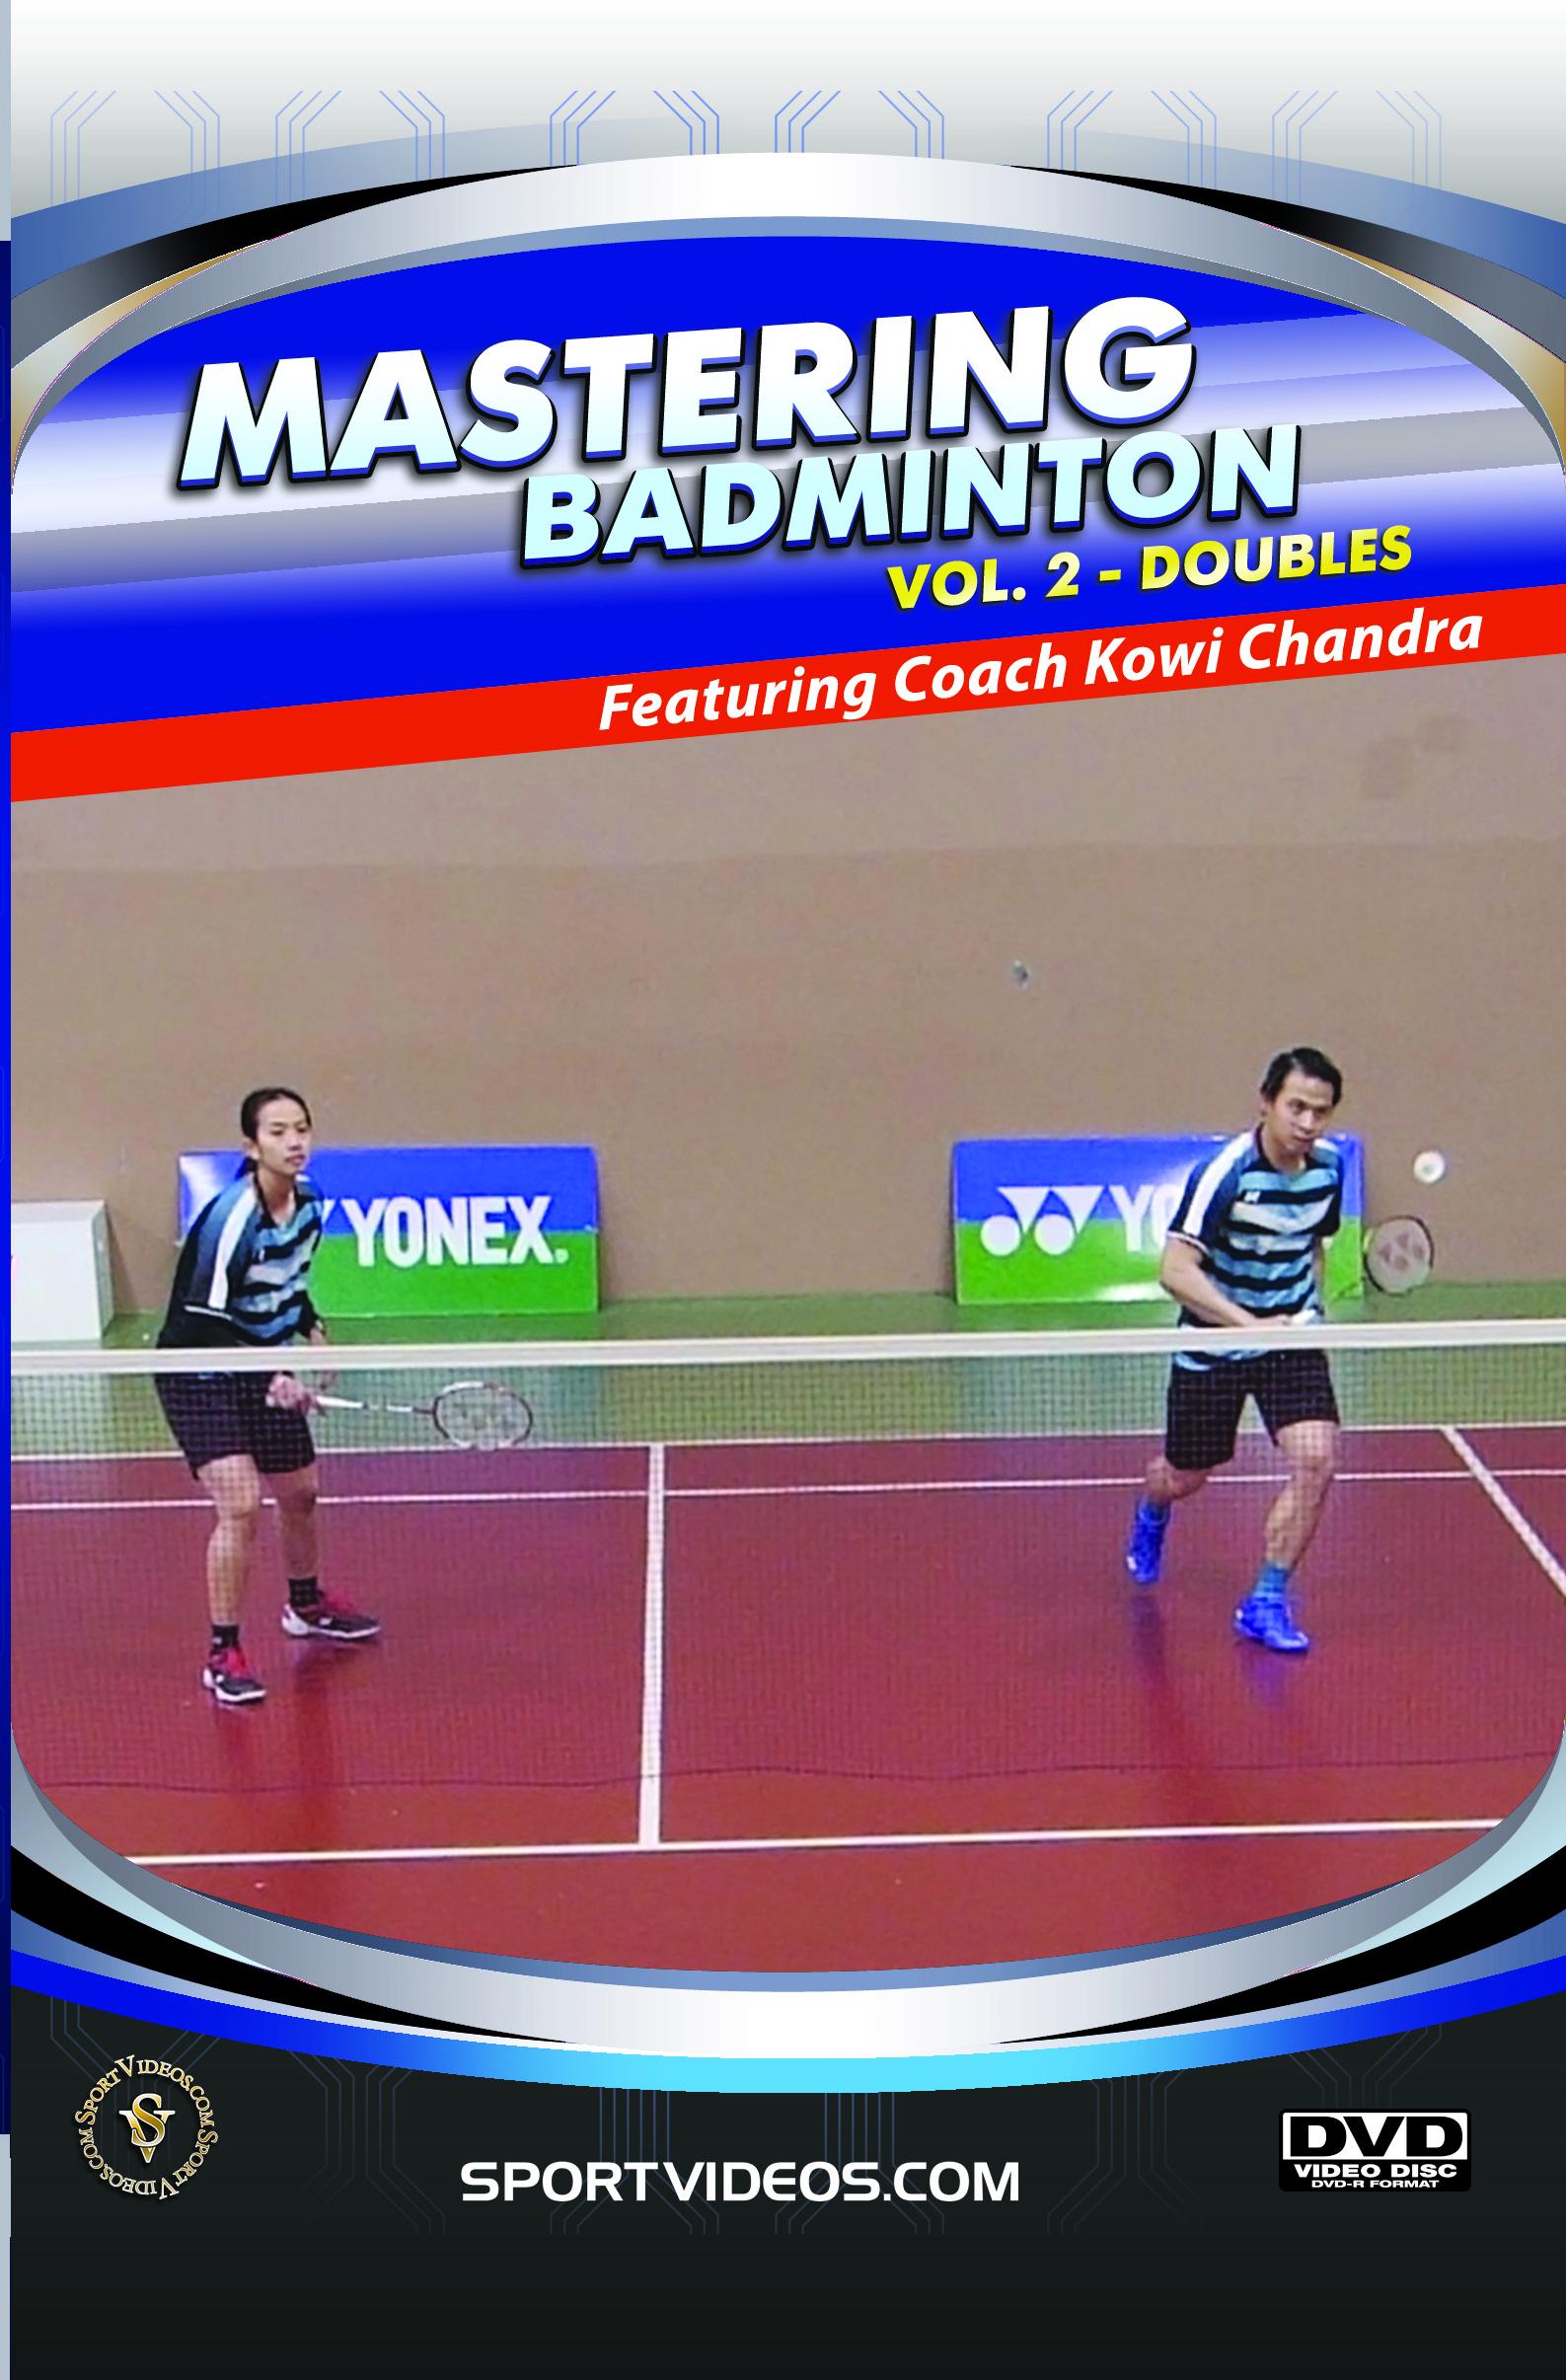 Mastering Badminton Vol. 2 - Doubles *Streaming Link*